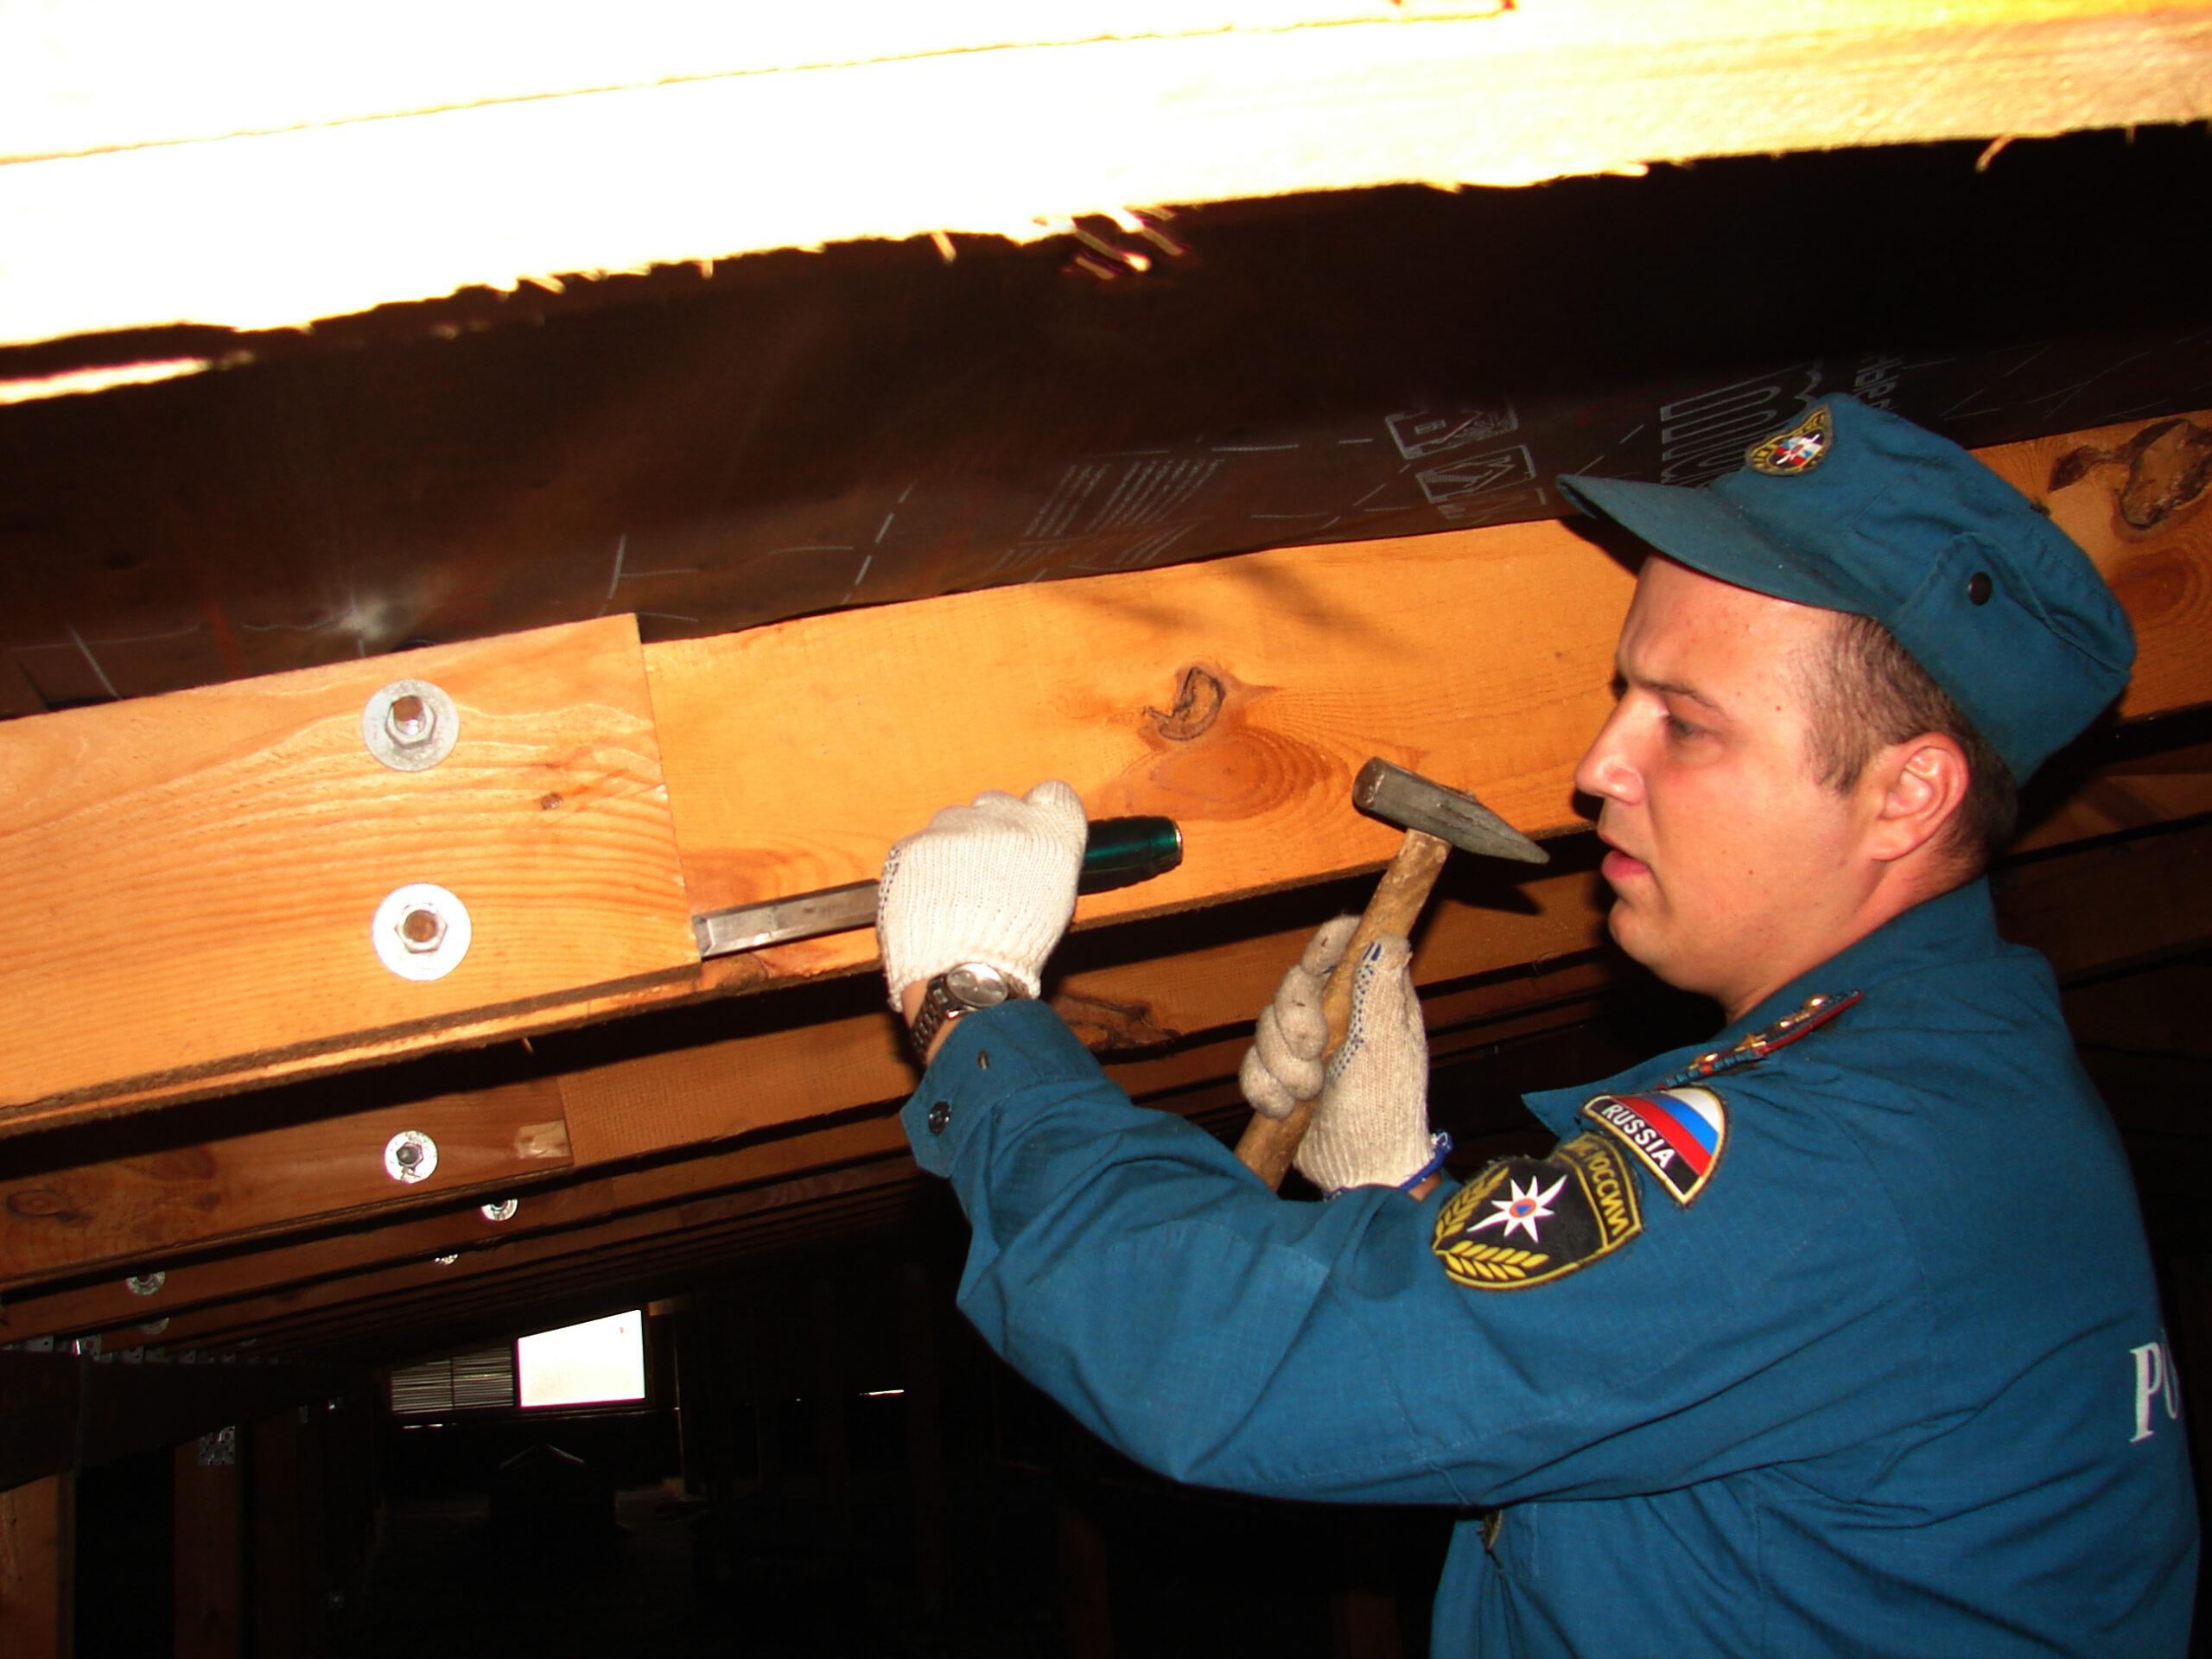 Инспекторы МЧС могут проводить проверки качества огнезащитной обработки. В самых сложных случаях для этого может назначаться экспертиза.